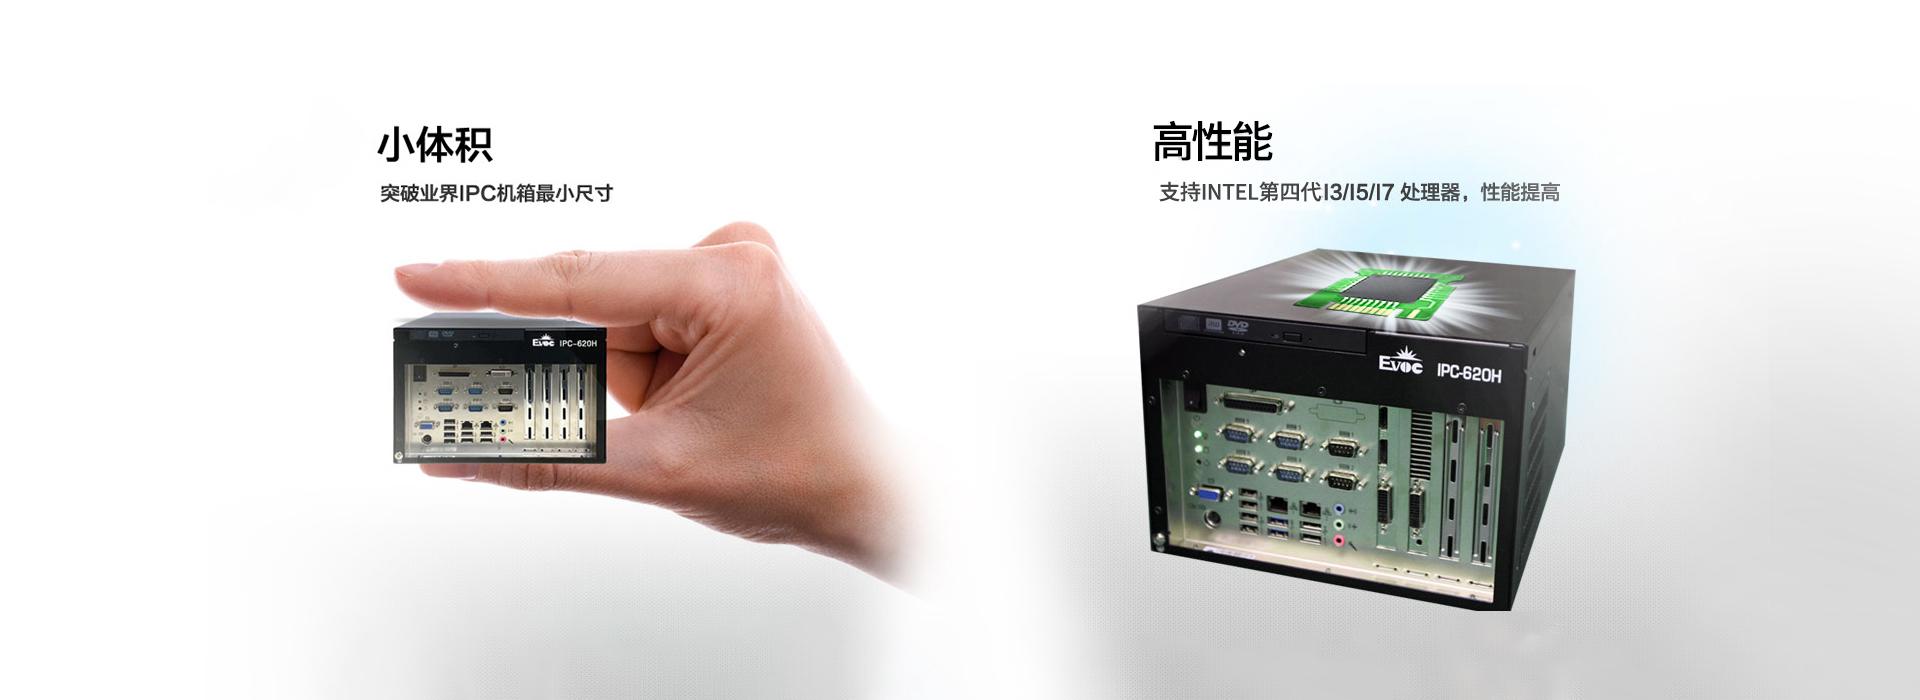 平板工控机